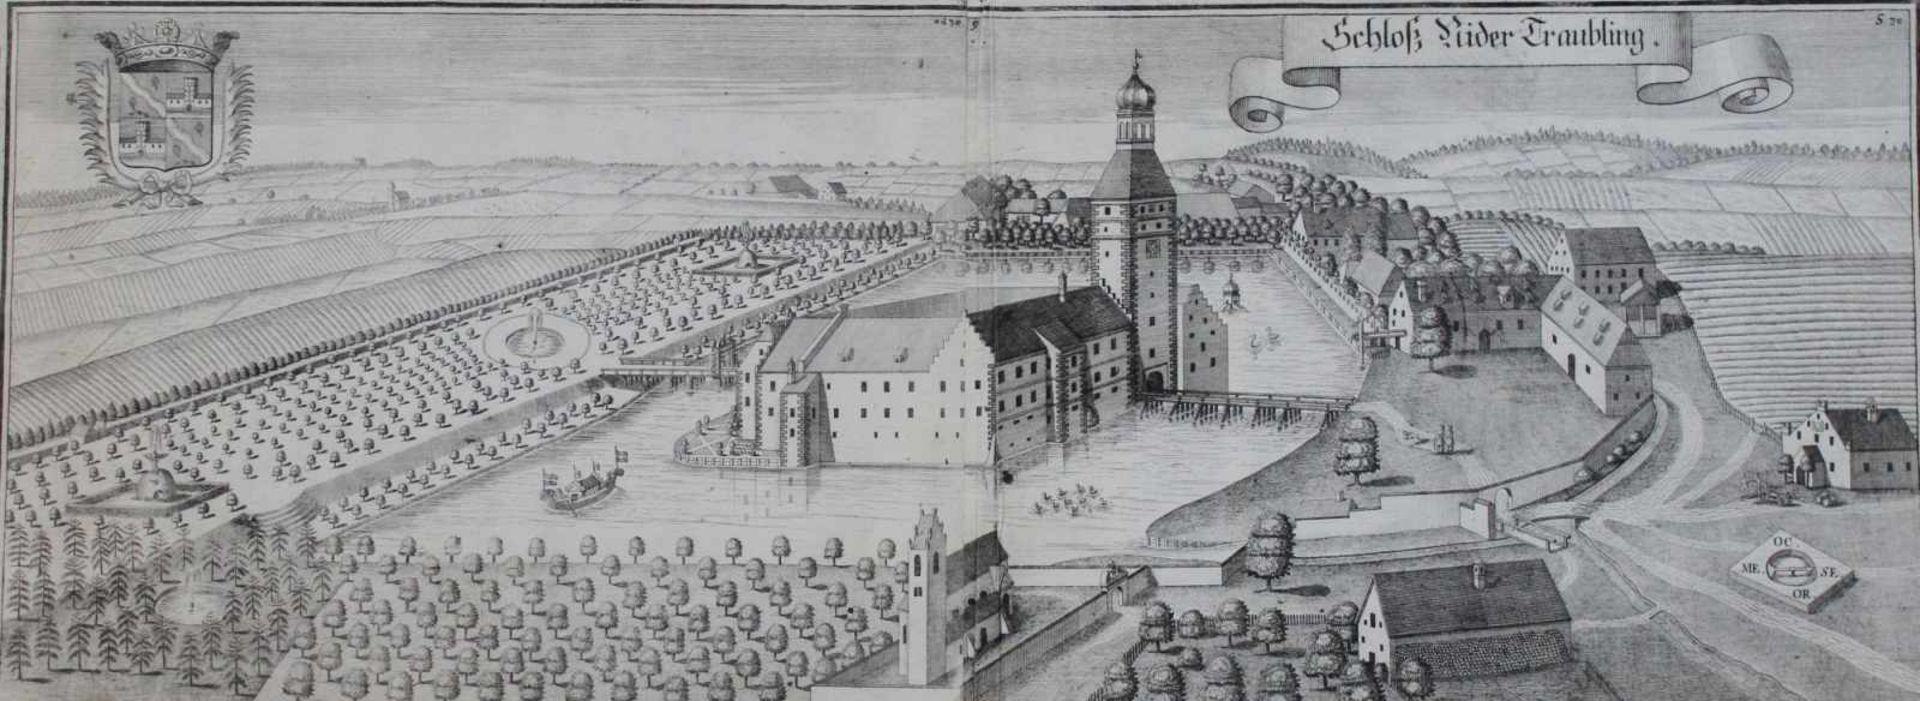 """Kupferstich - Michael Wening (1645 Nürnberg - 1718 München) """"Schloß Niedertraubling"""", Plattenmaße"""